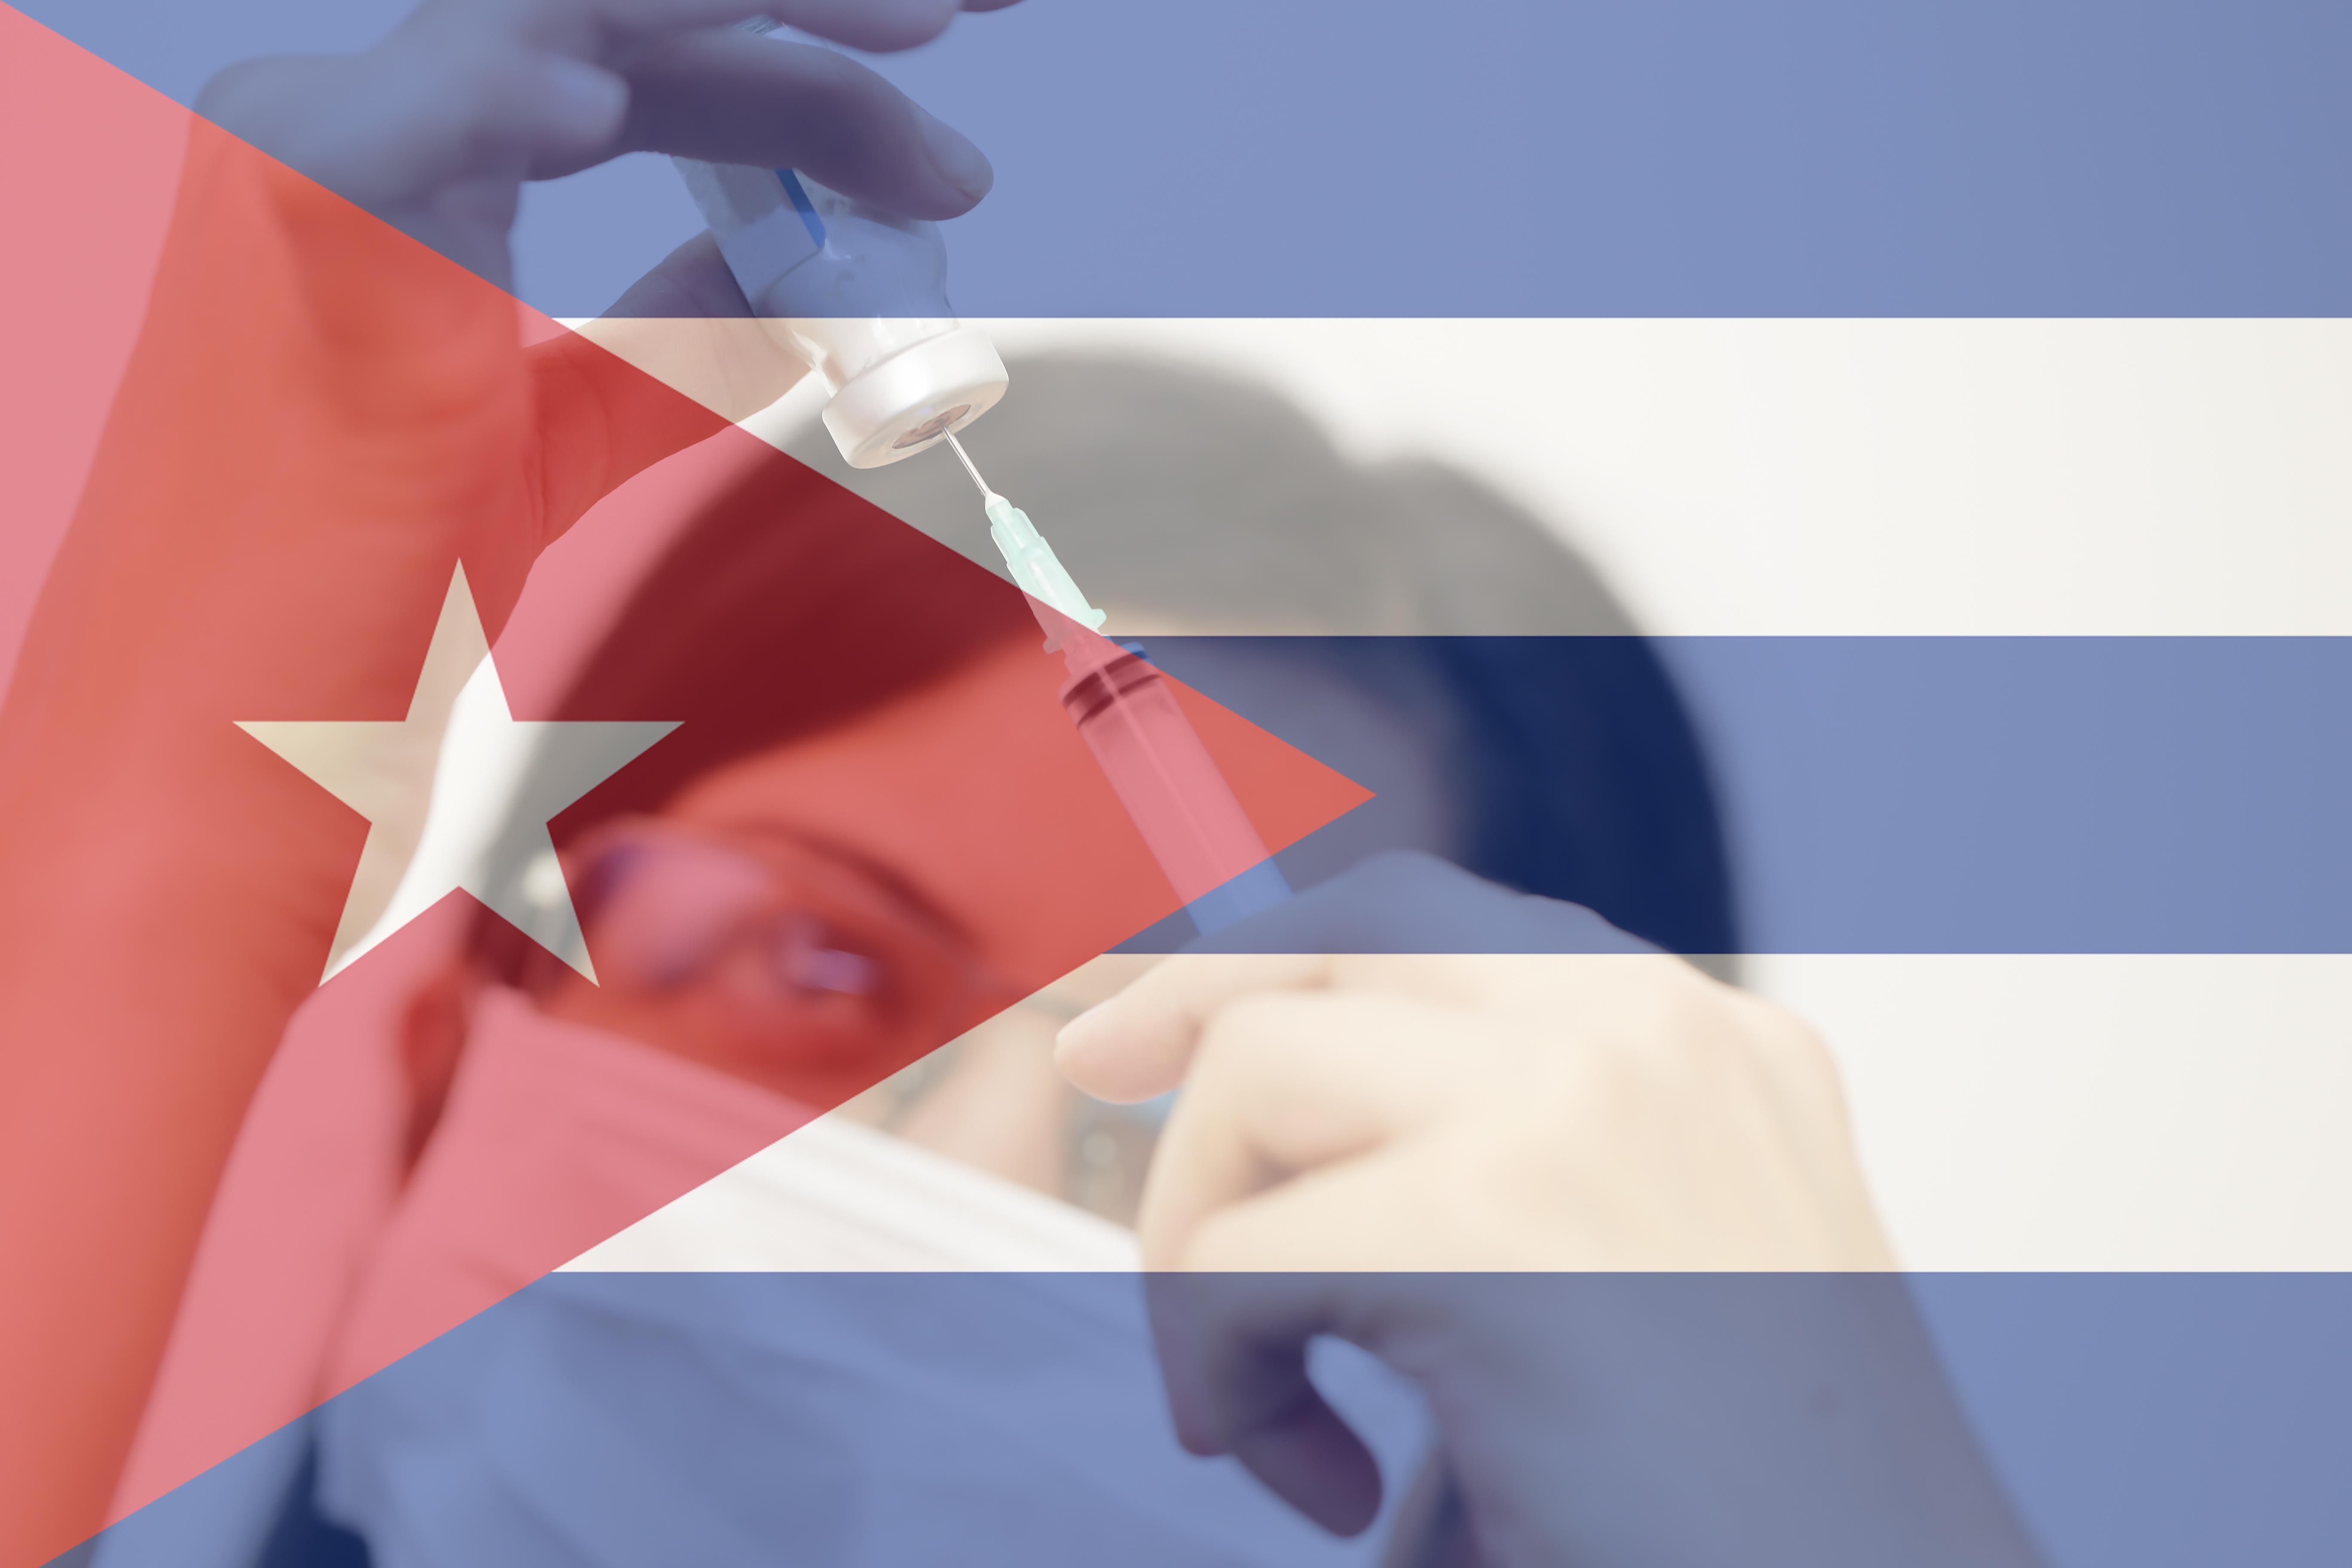 کیوبا کا جھنڈا اور چہرے پر ماسک لگائے سرِنج پر دیکھتی ہوئی ایک عورت۔ (© Shutterstock)